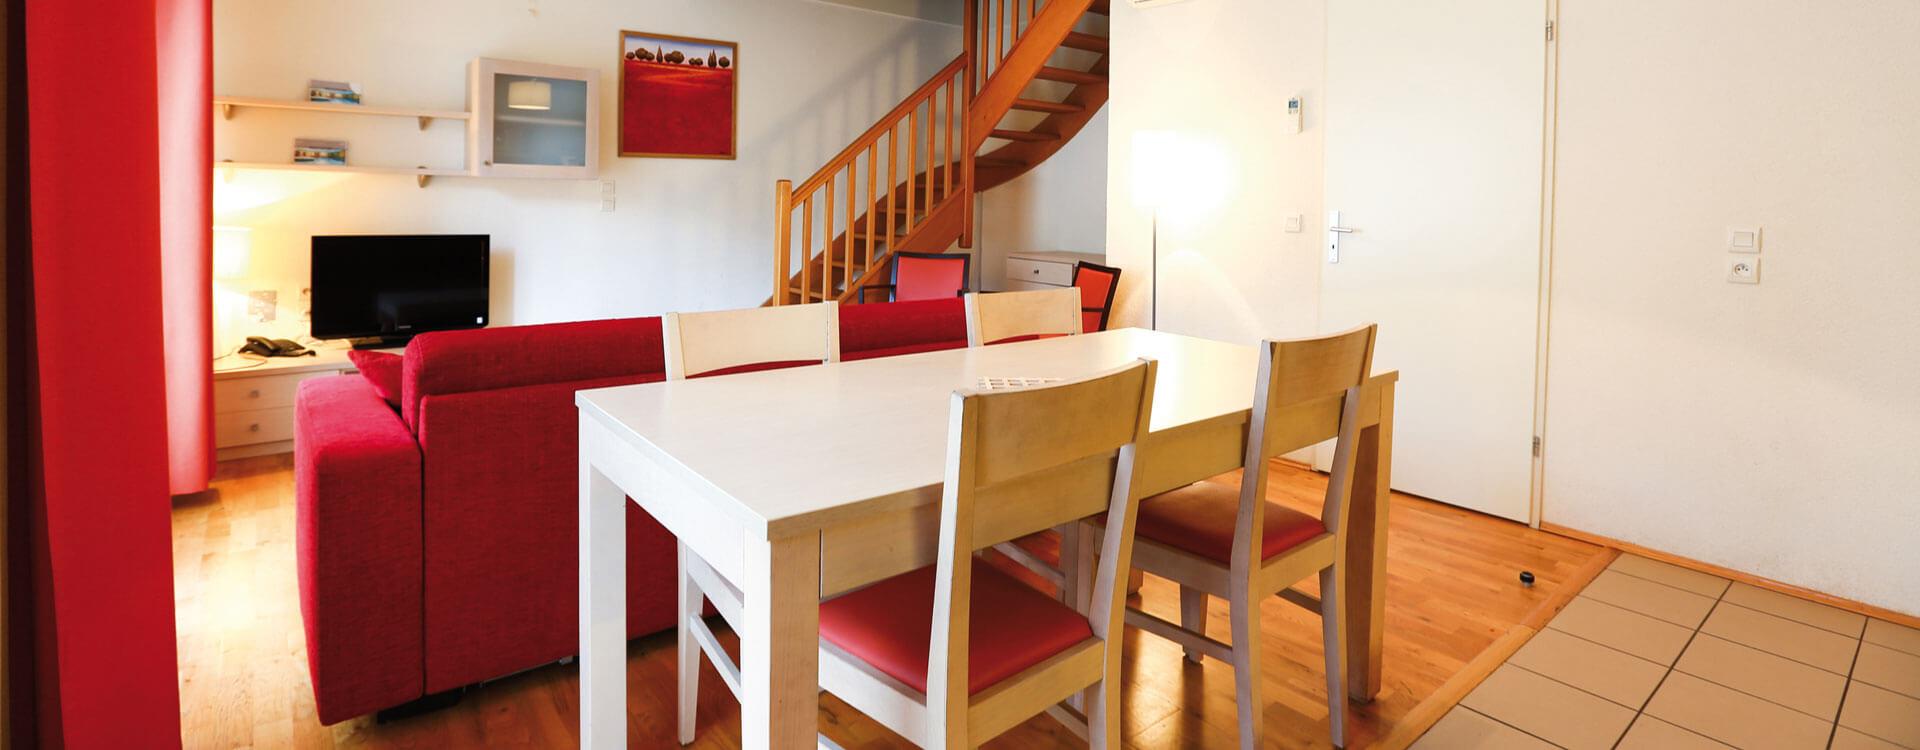 Appartement 3 pièces - Hôtel et résidence La Villa du Lac à Divonne